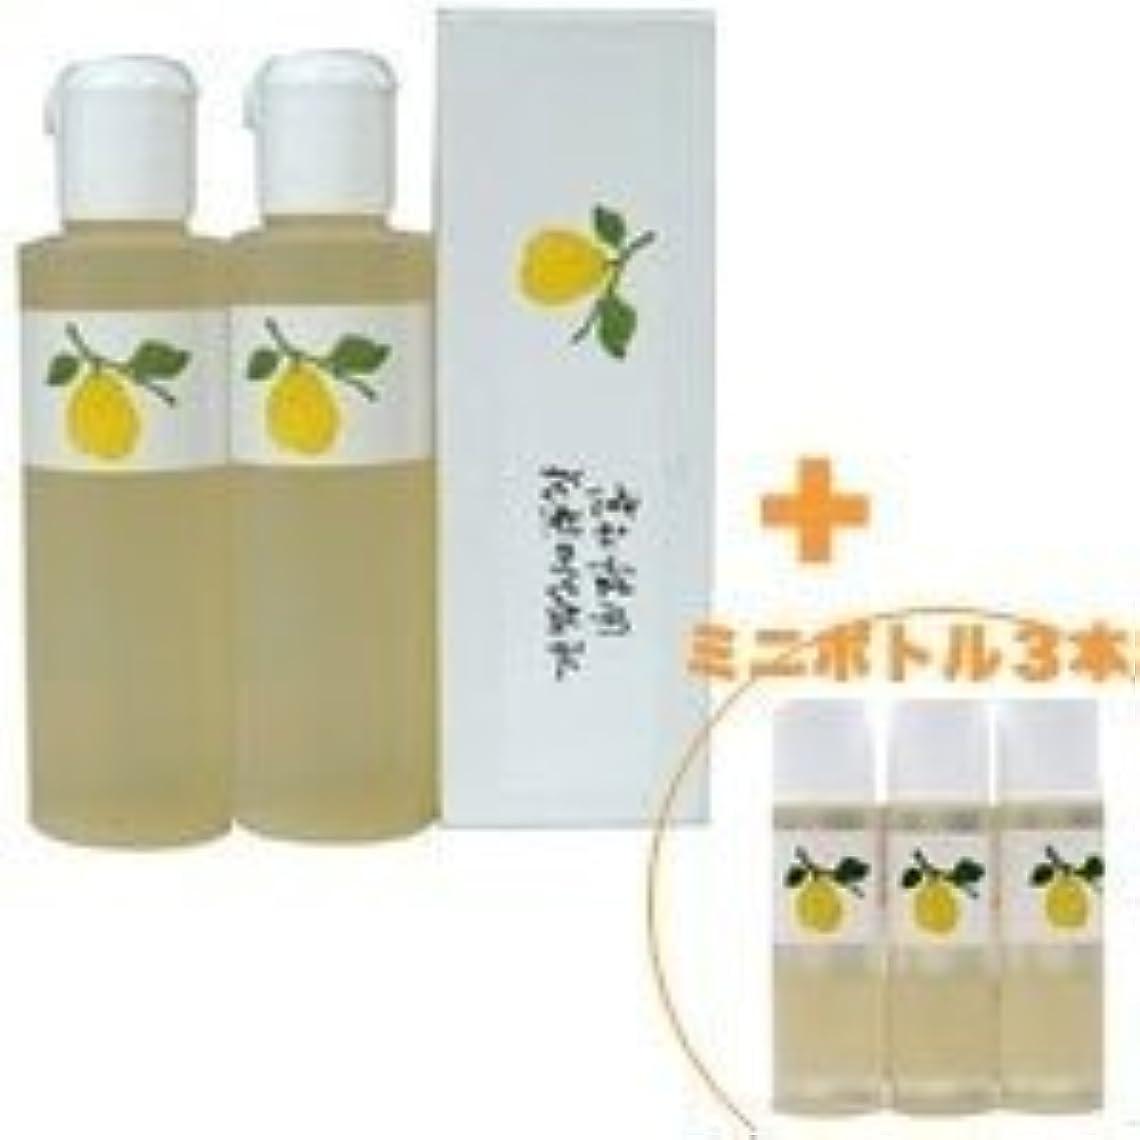 肘学部退化する花梨の化粧水 200ml 2本&ミニボトル 3本 美容液 栄養クリームのいらないお肌へ 保湿と乾燥対策に